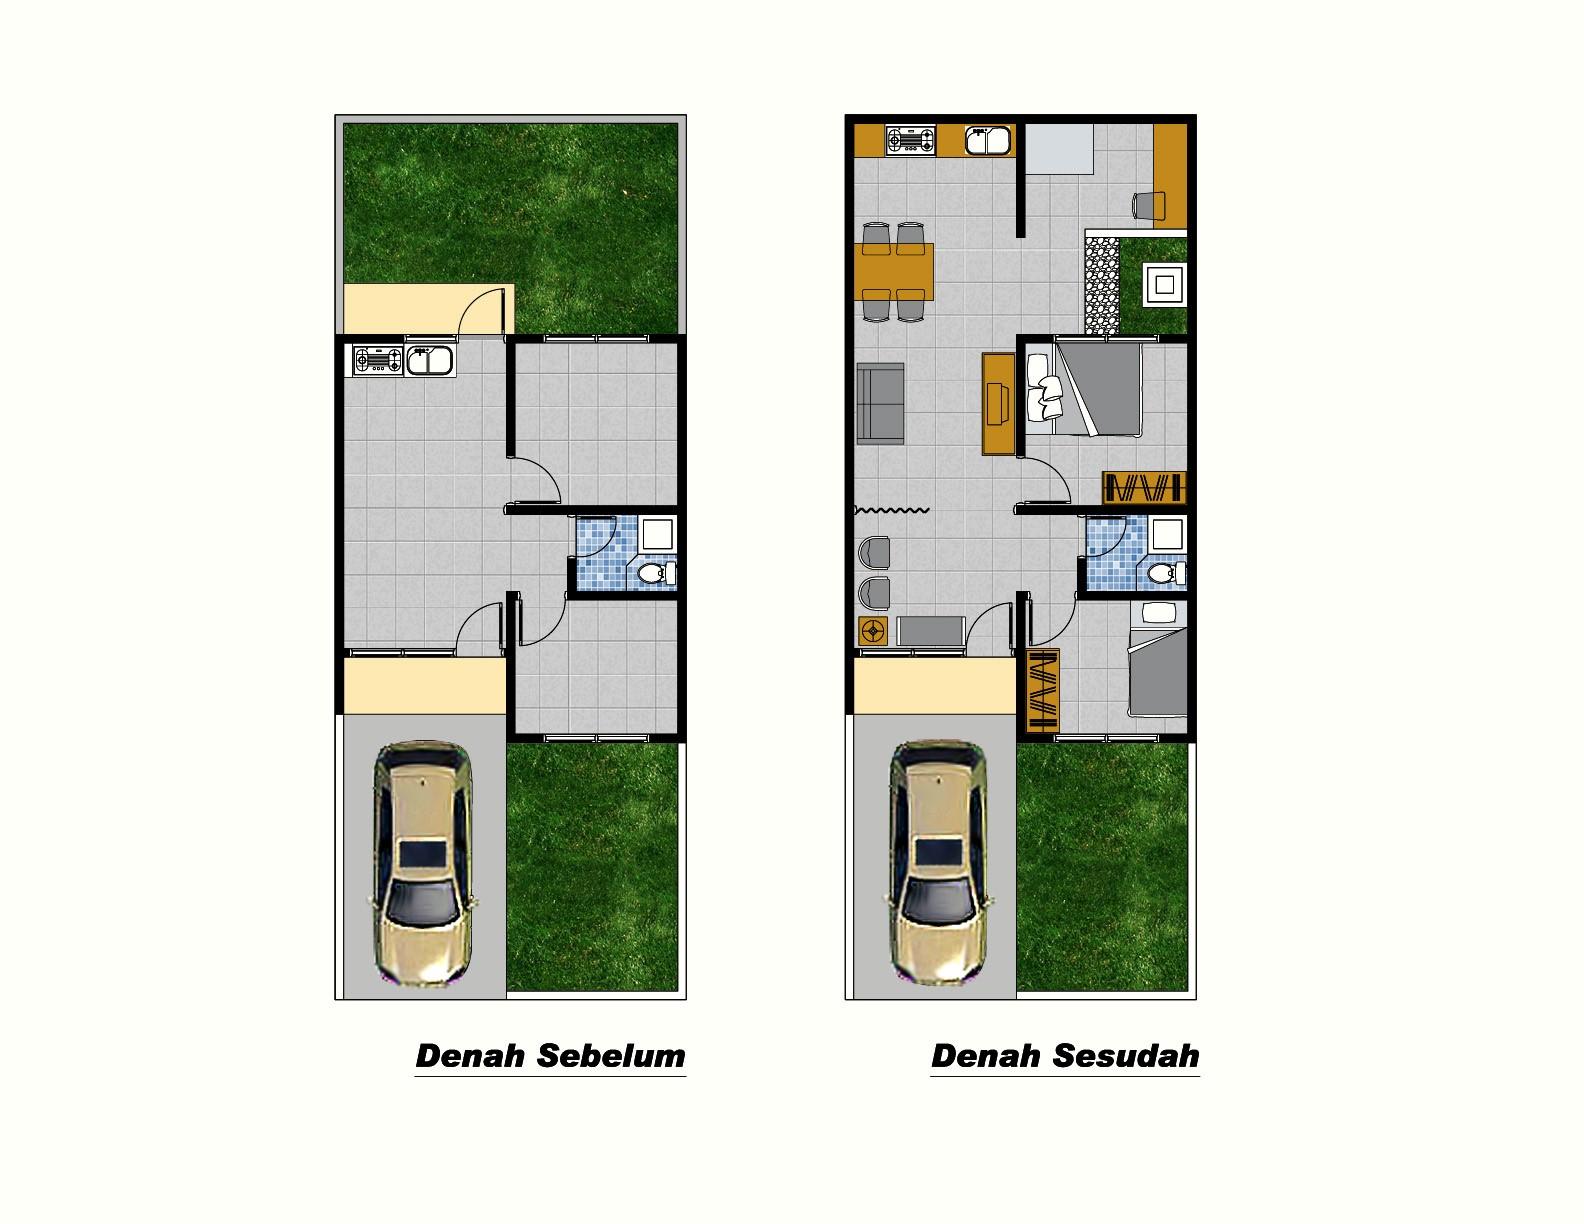 gambar denah rumah sederhana type 36 2